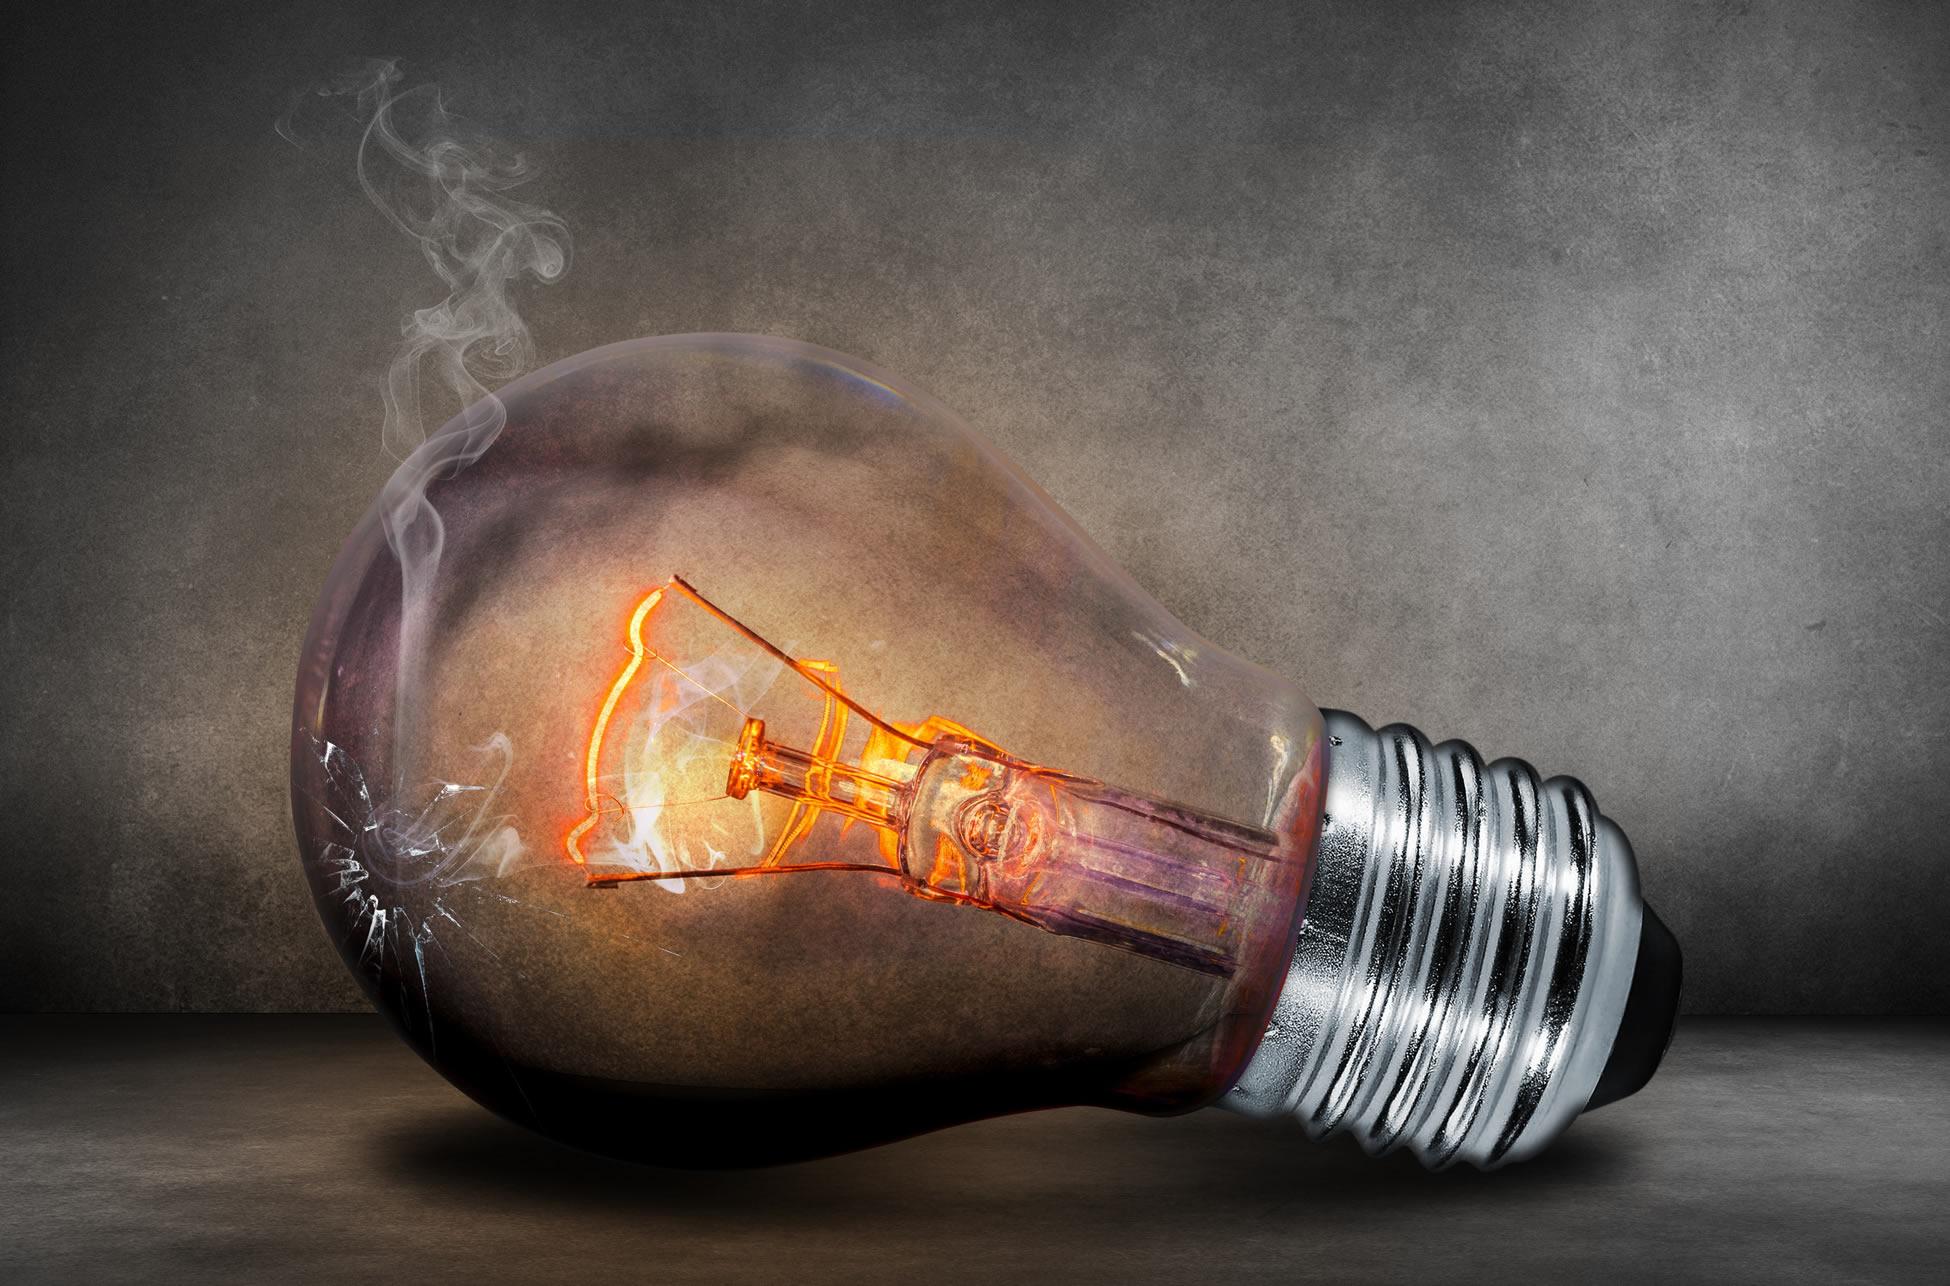 Klesající náklady na výrobu energie Češi v nižších cenách nepocítí